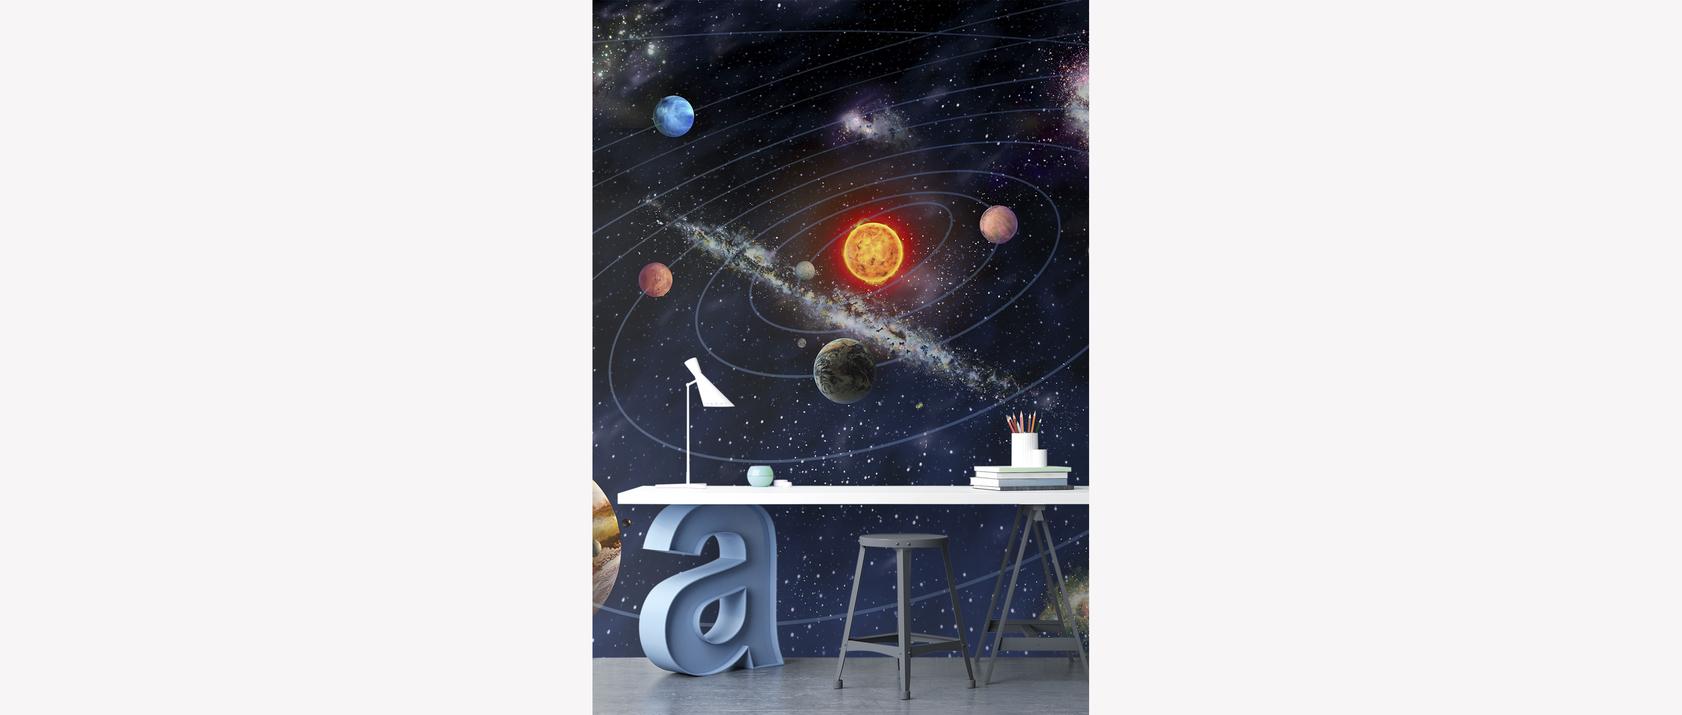 Astronomi og rommet